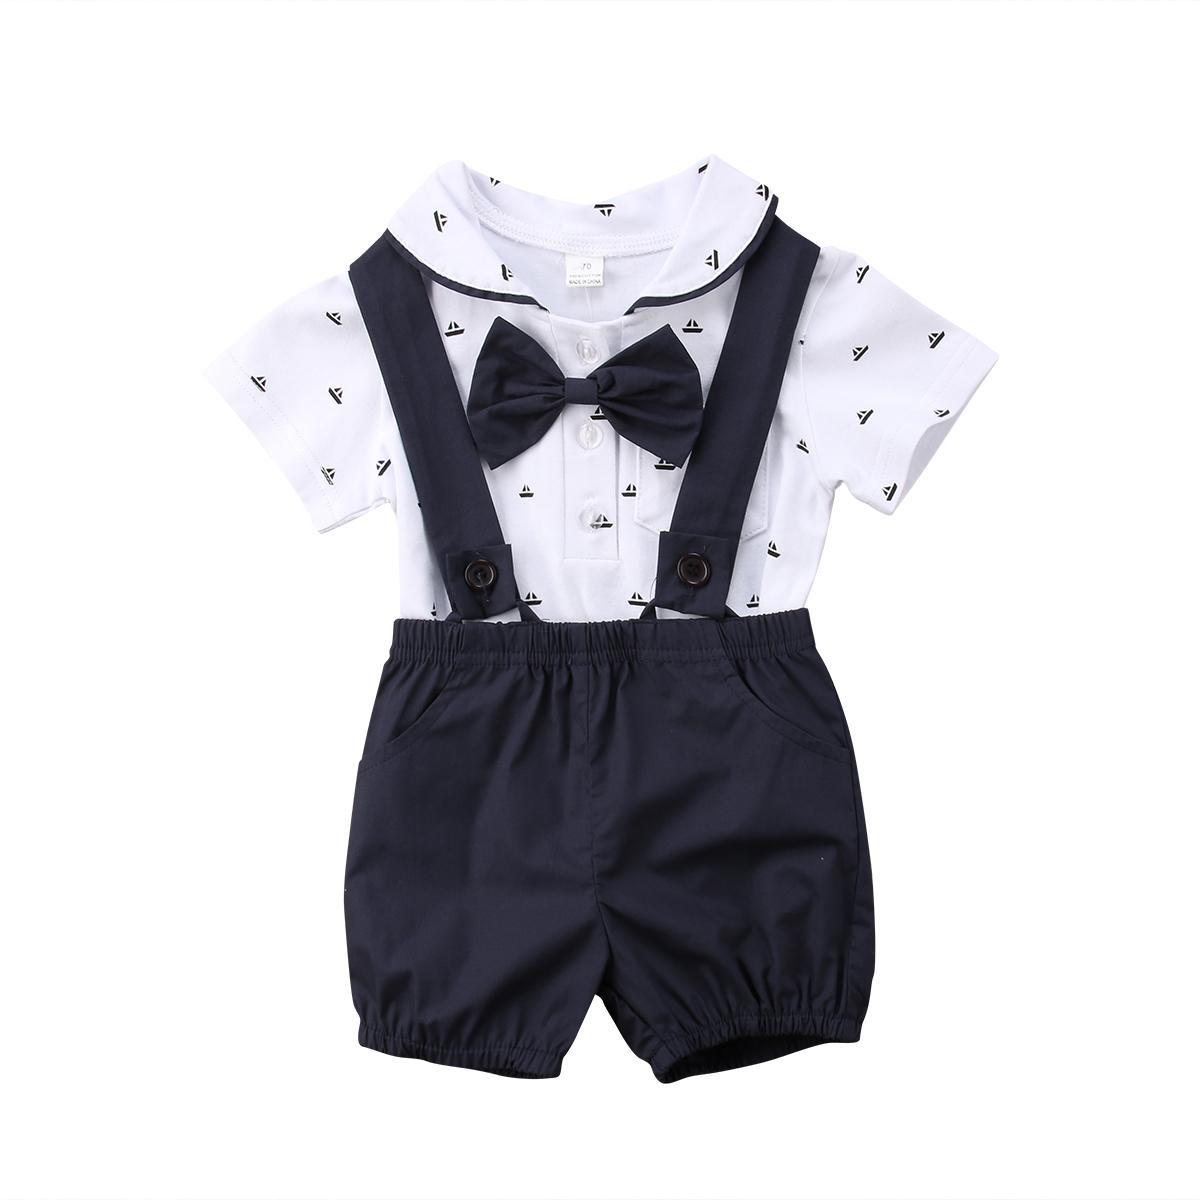 2PCS Newborn Neonato infantile vestiti Set Body Tops Tuta cotone estate pantaloni Gentleman coprono insieme neonati 0-24M